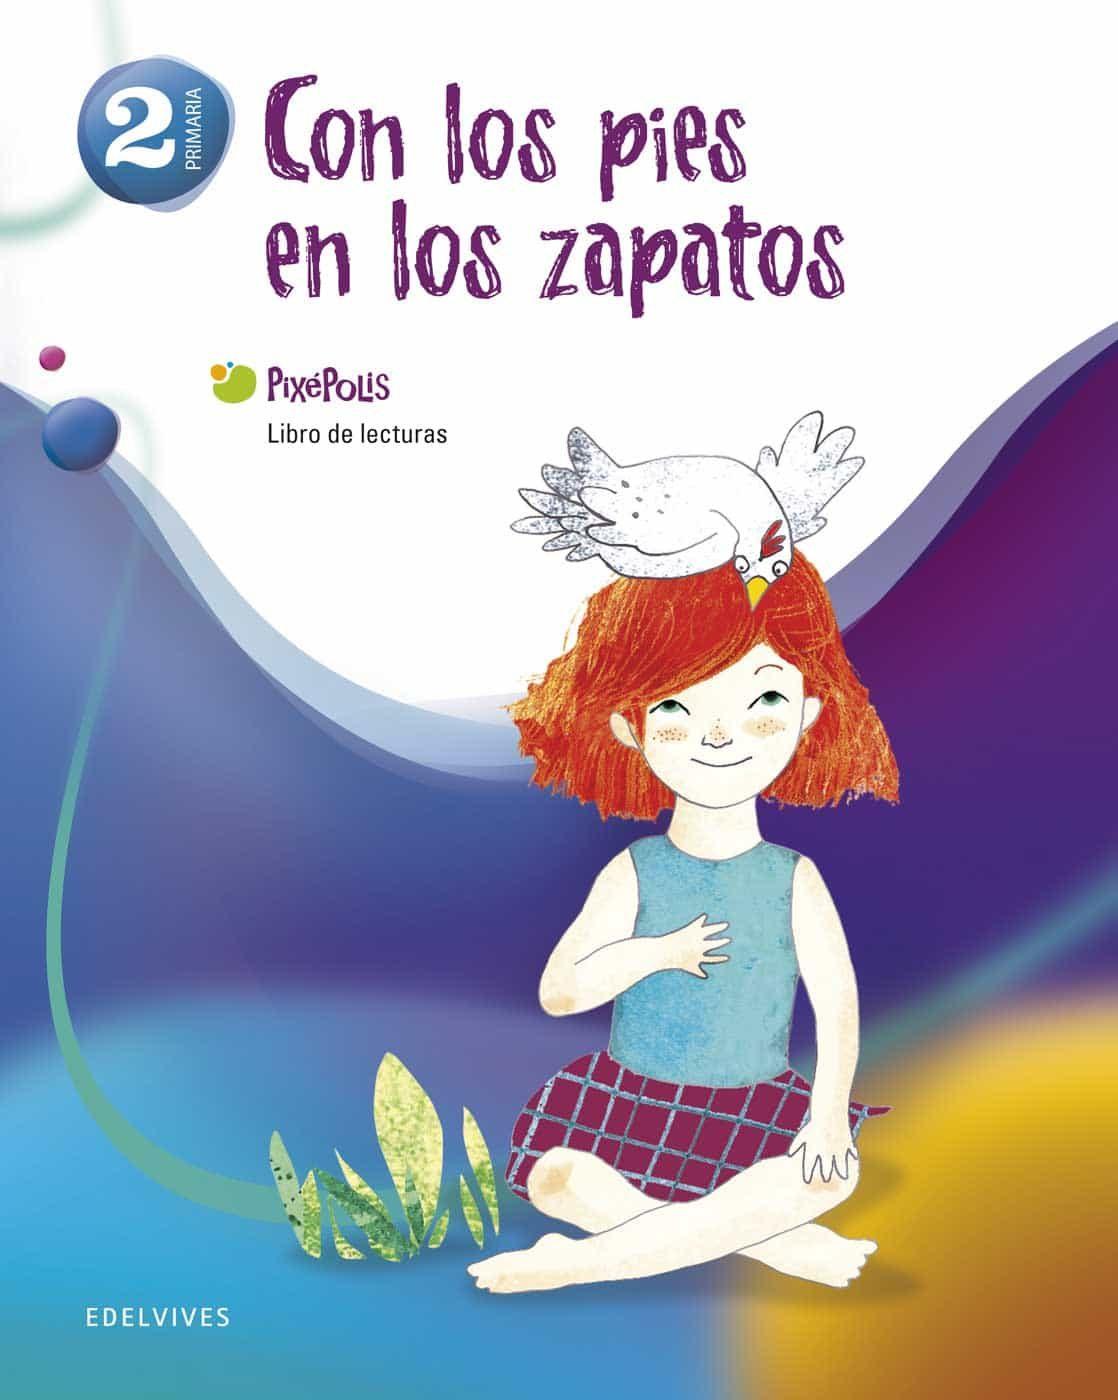 lengua 2º libro de lecturas  pixépolis-9788426379788